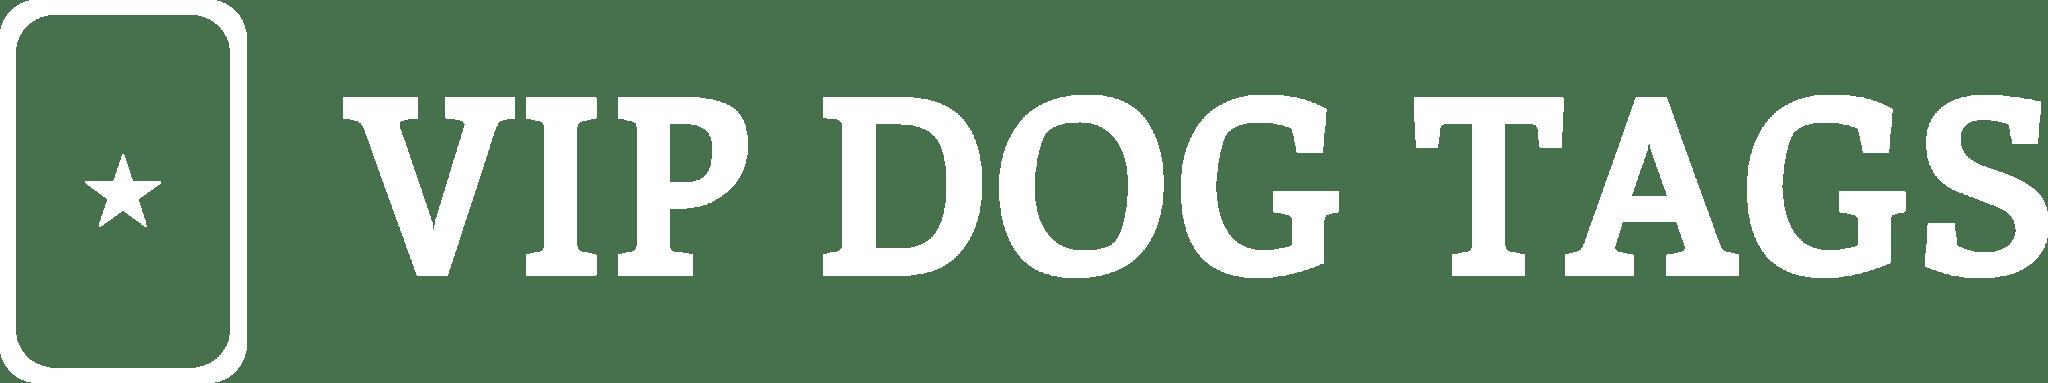 VDT_LOGO_WHITE